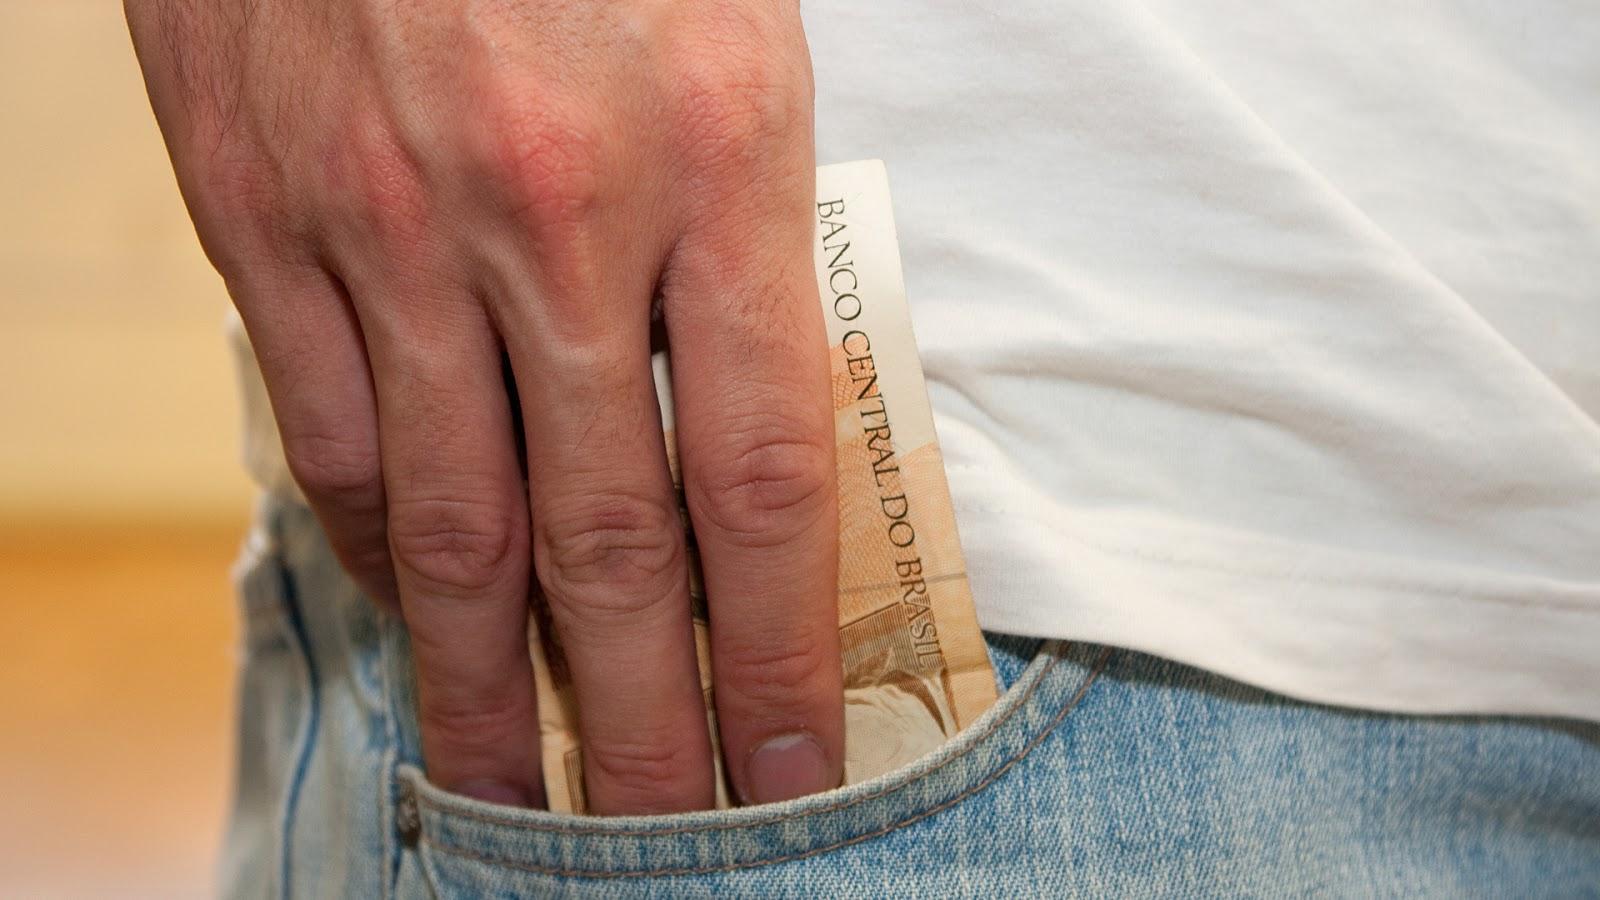 O mês acabou e sobrou dinheiro? Confira dicas do que fazer com a renda extra!